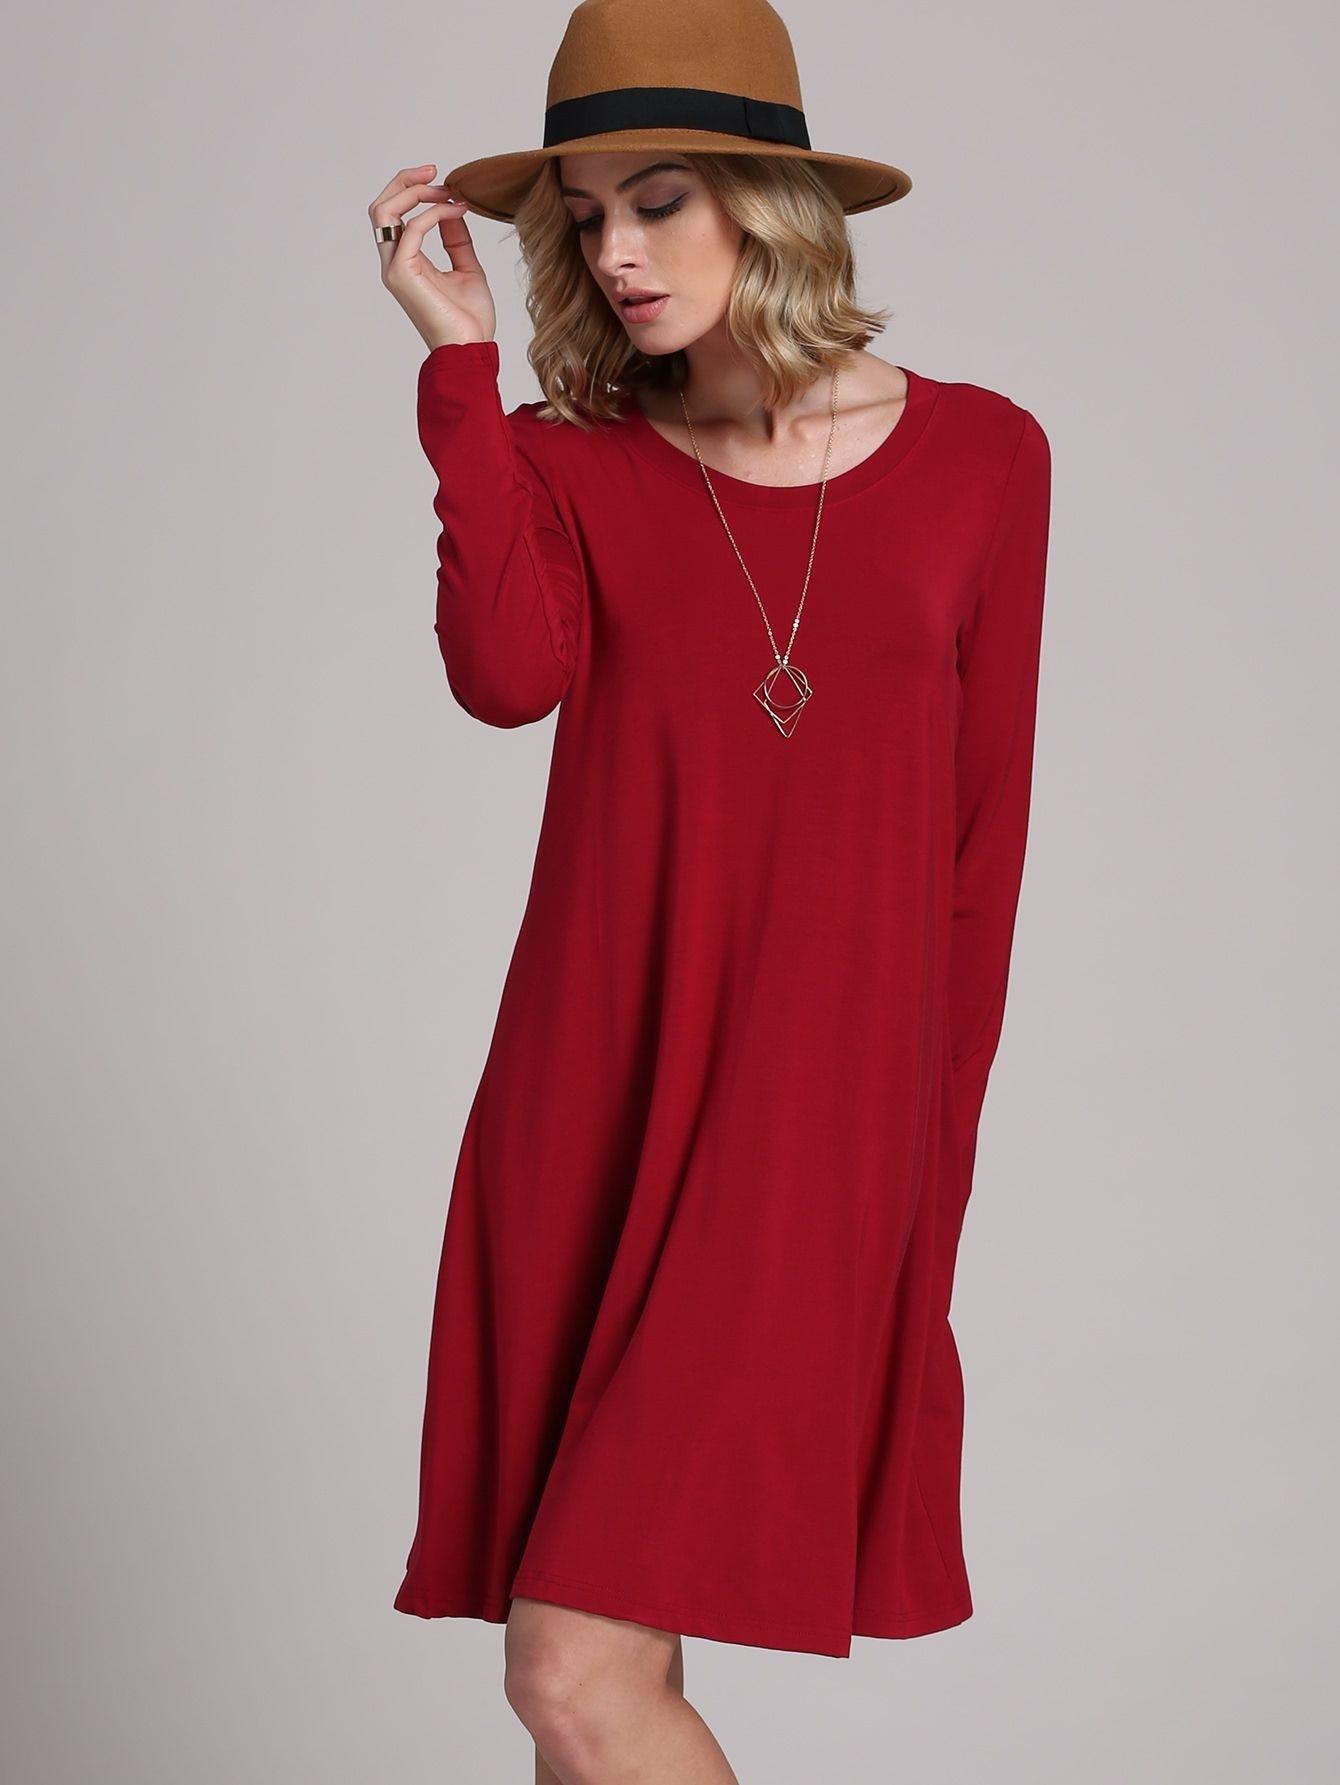 15 Genial Graues Kleid Langarm Ärmel10 Ausgezeichnet Graues Kleid Langarm Design